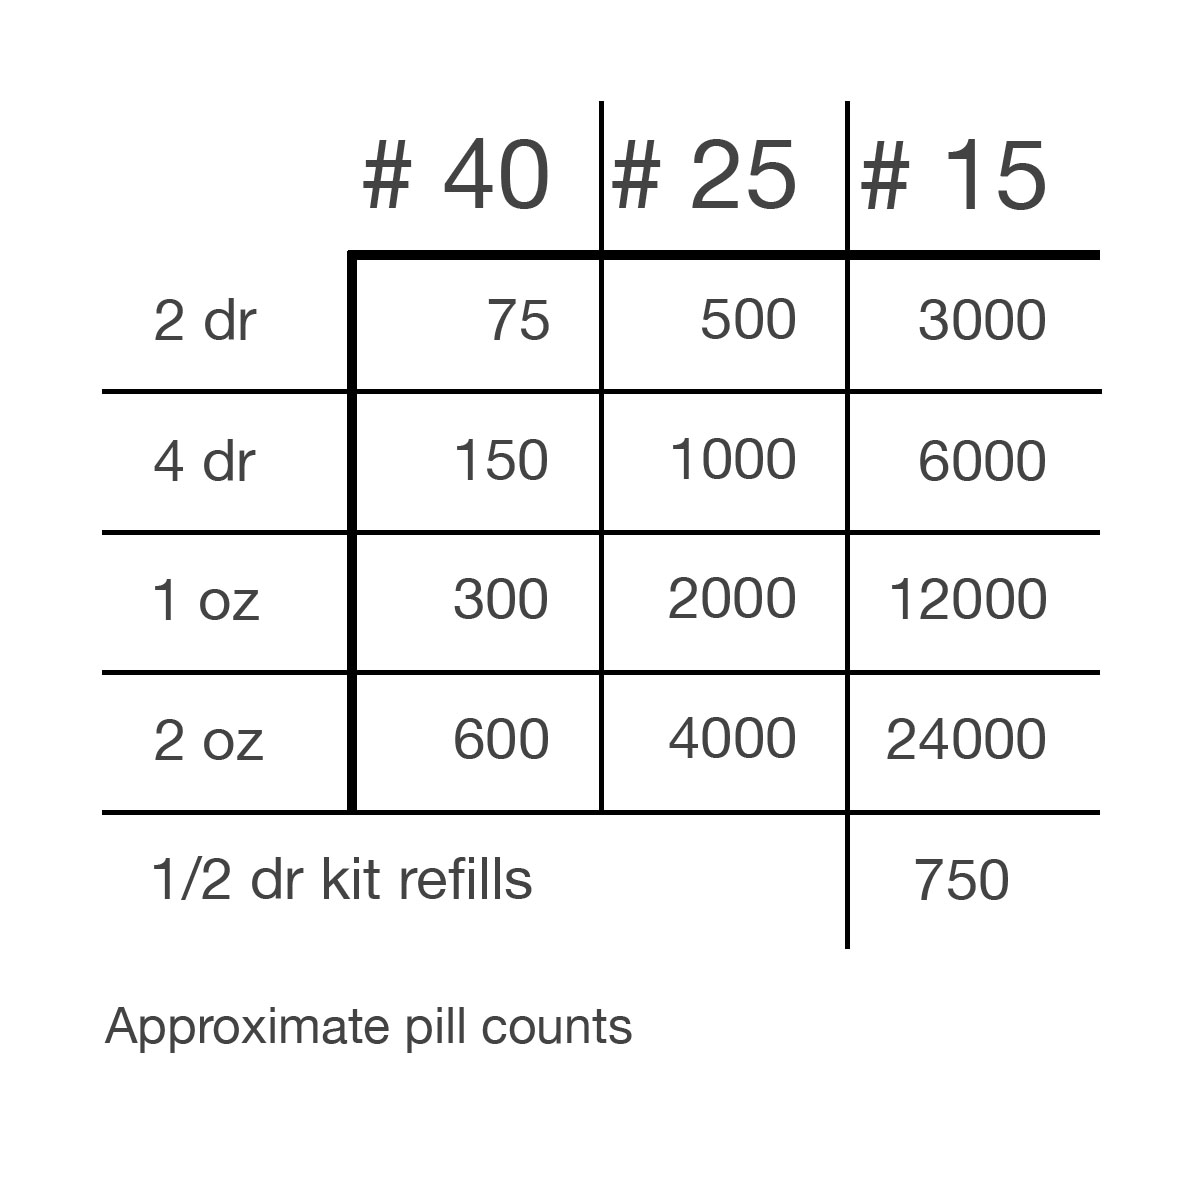 pill-count.jpg